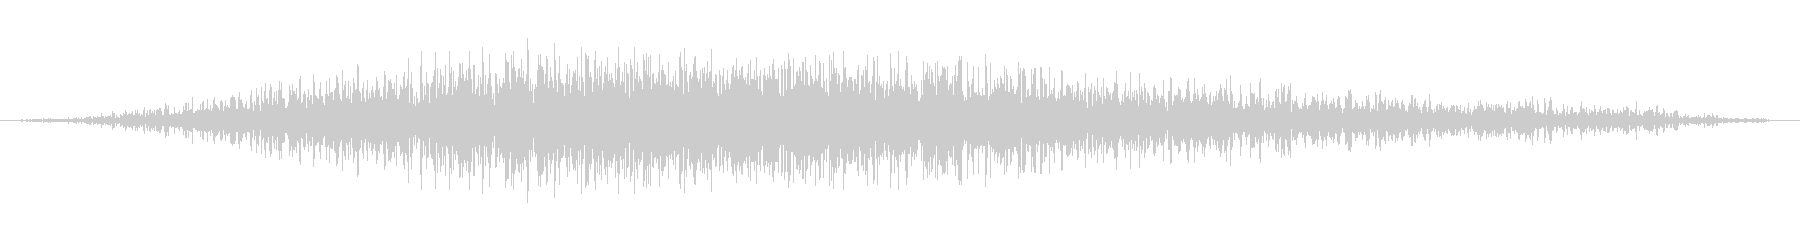 グリッティフーズ2の未再生の波形